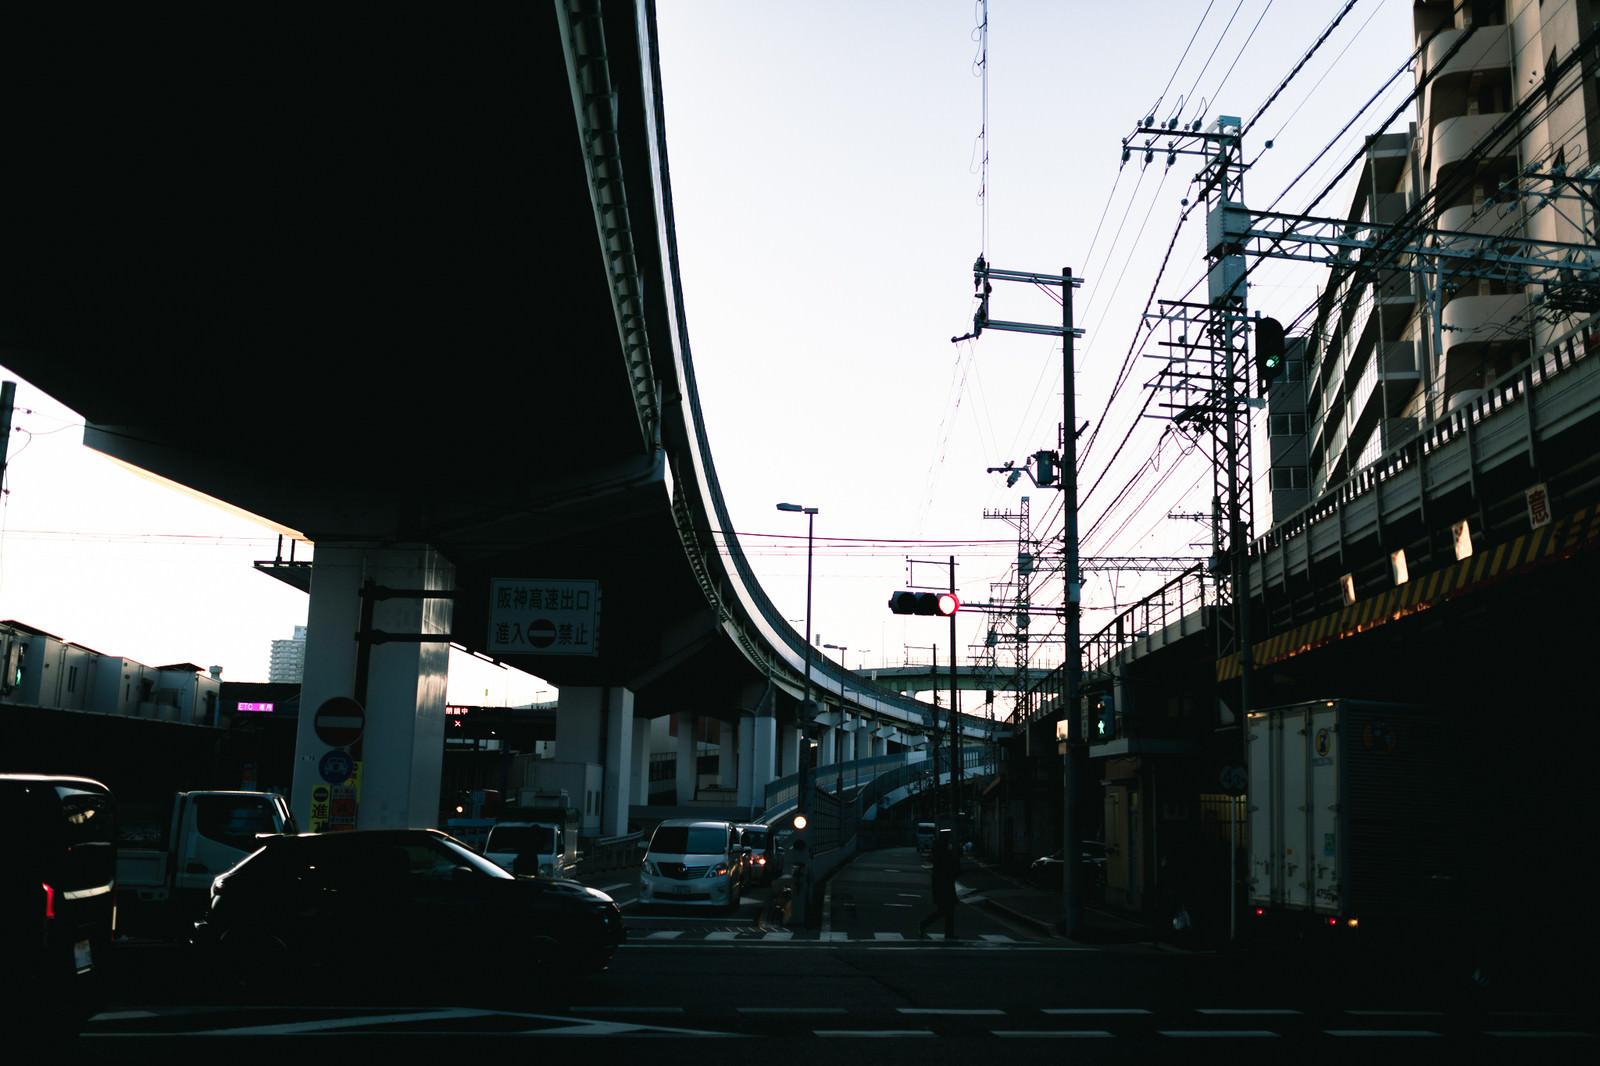 「高速道路出口と高架橋」の写真